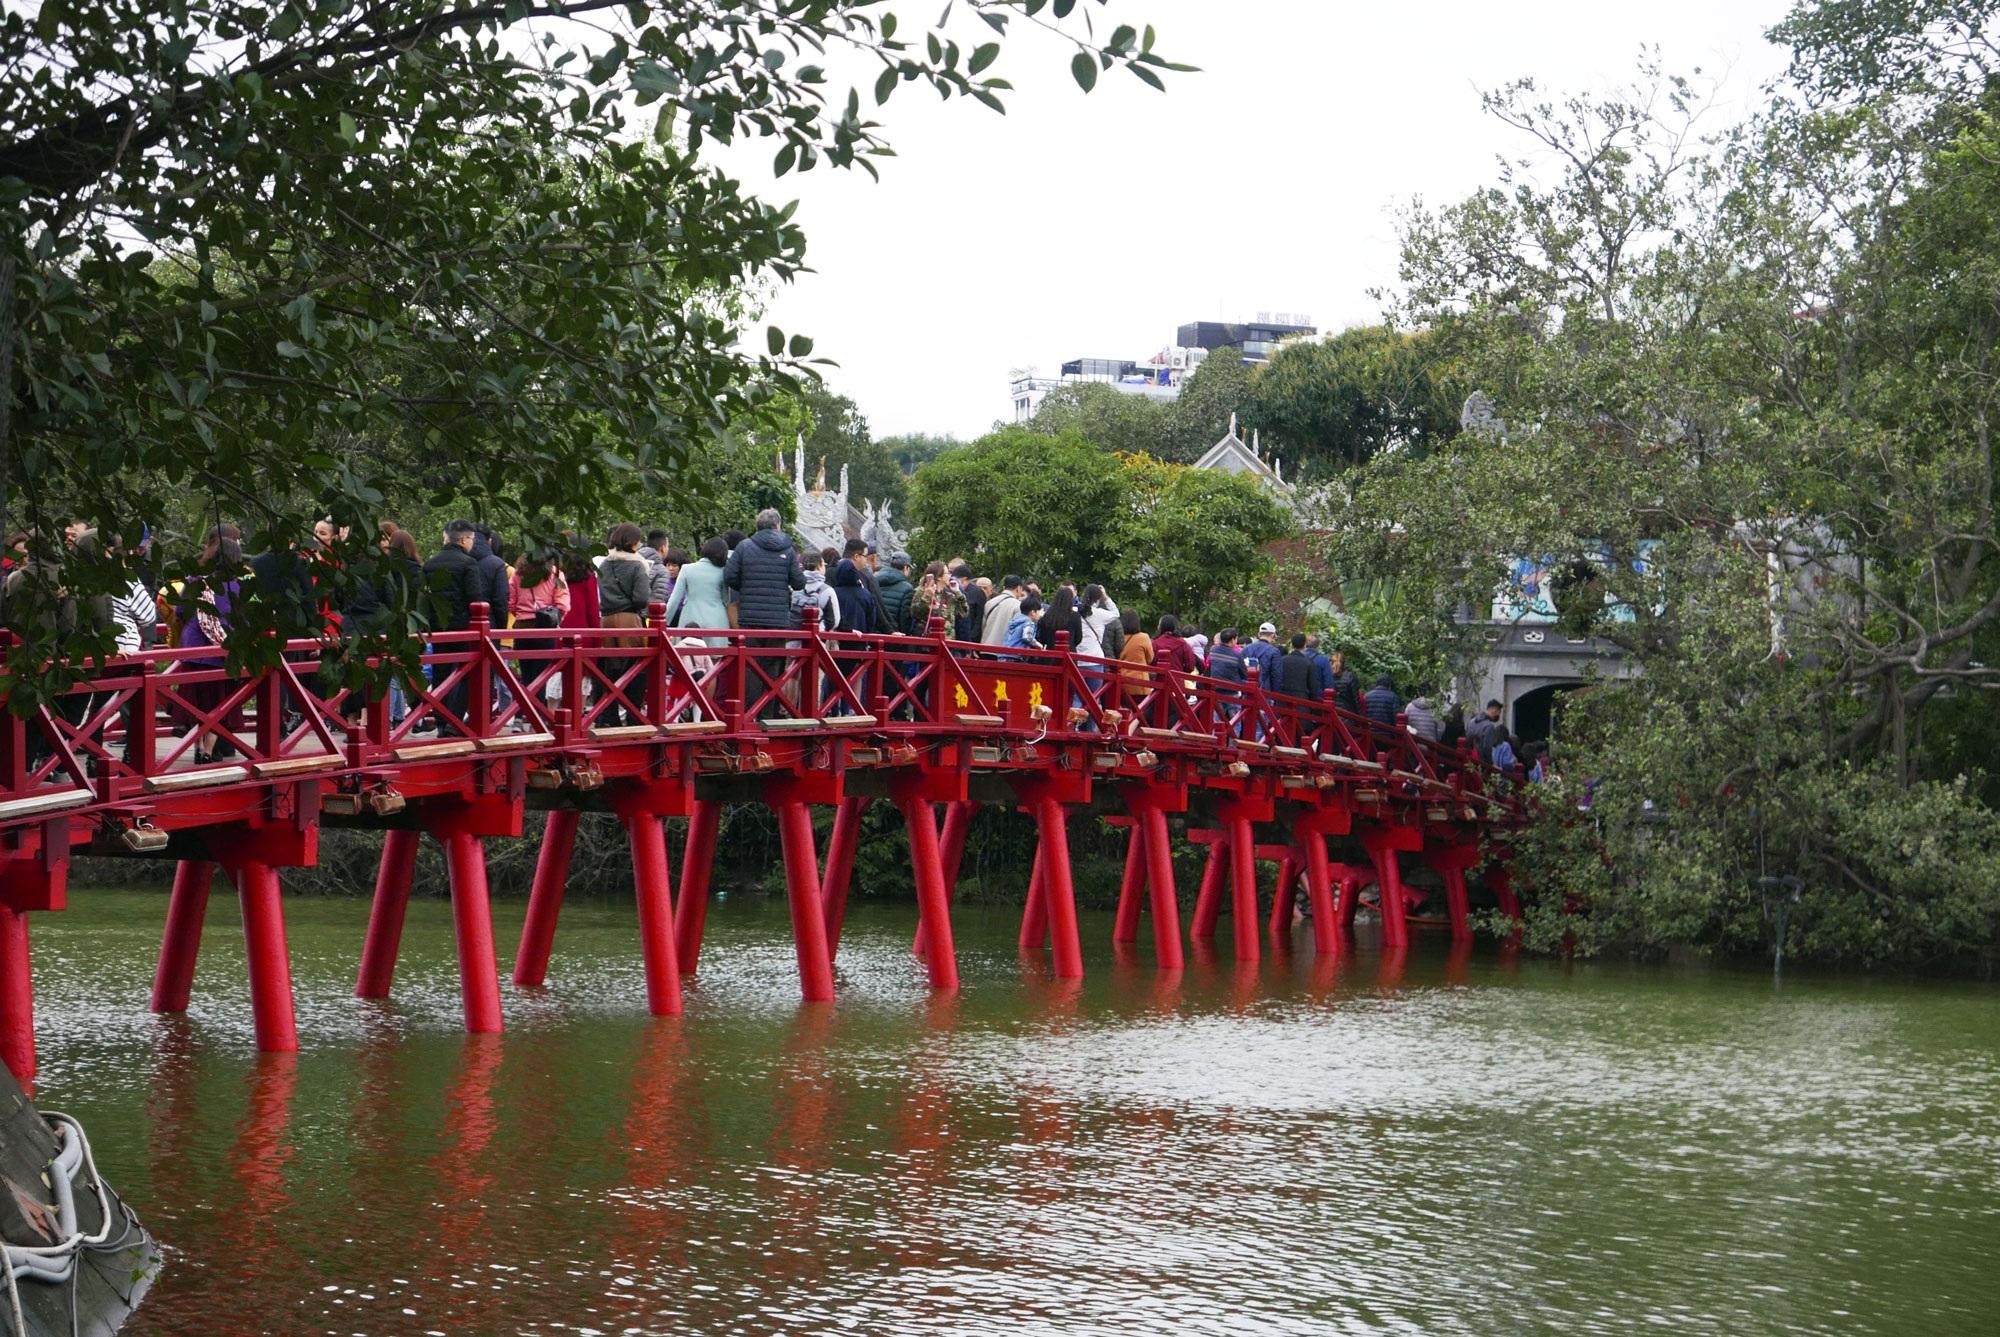 Cảnh lễ đền dưới mưa xuân tuyệt đẹp ở Hà Nội ngày mùng 1 Tết - 2